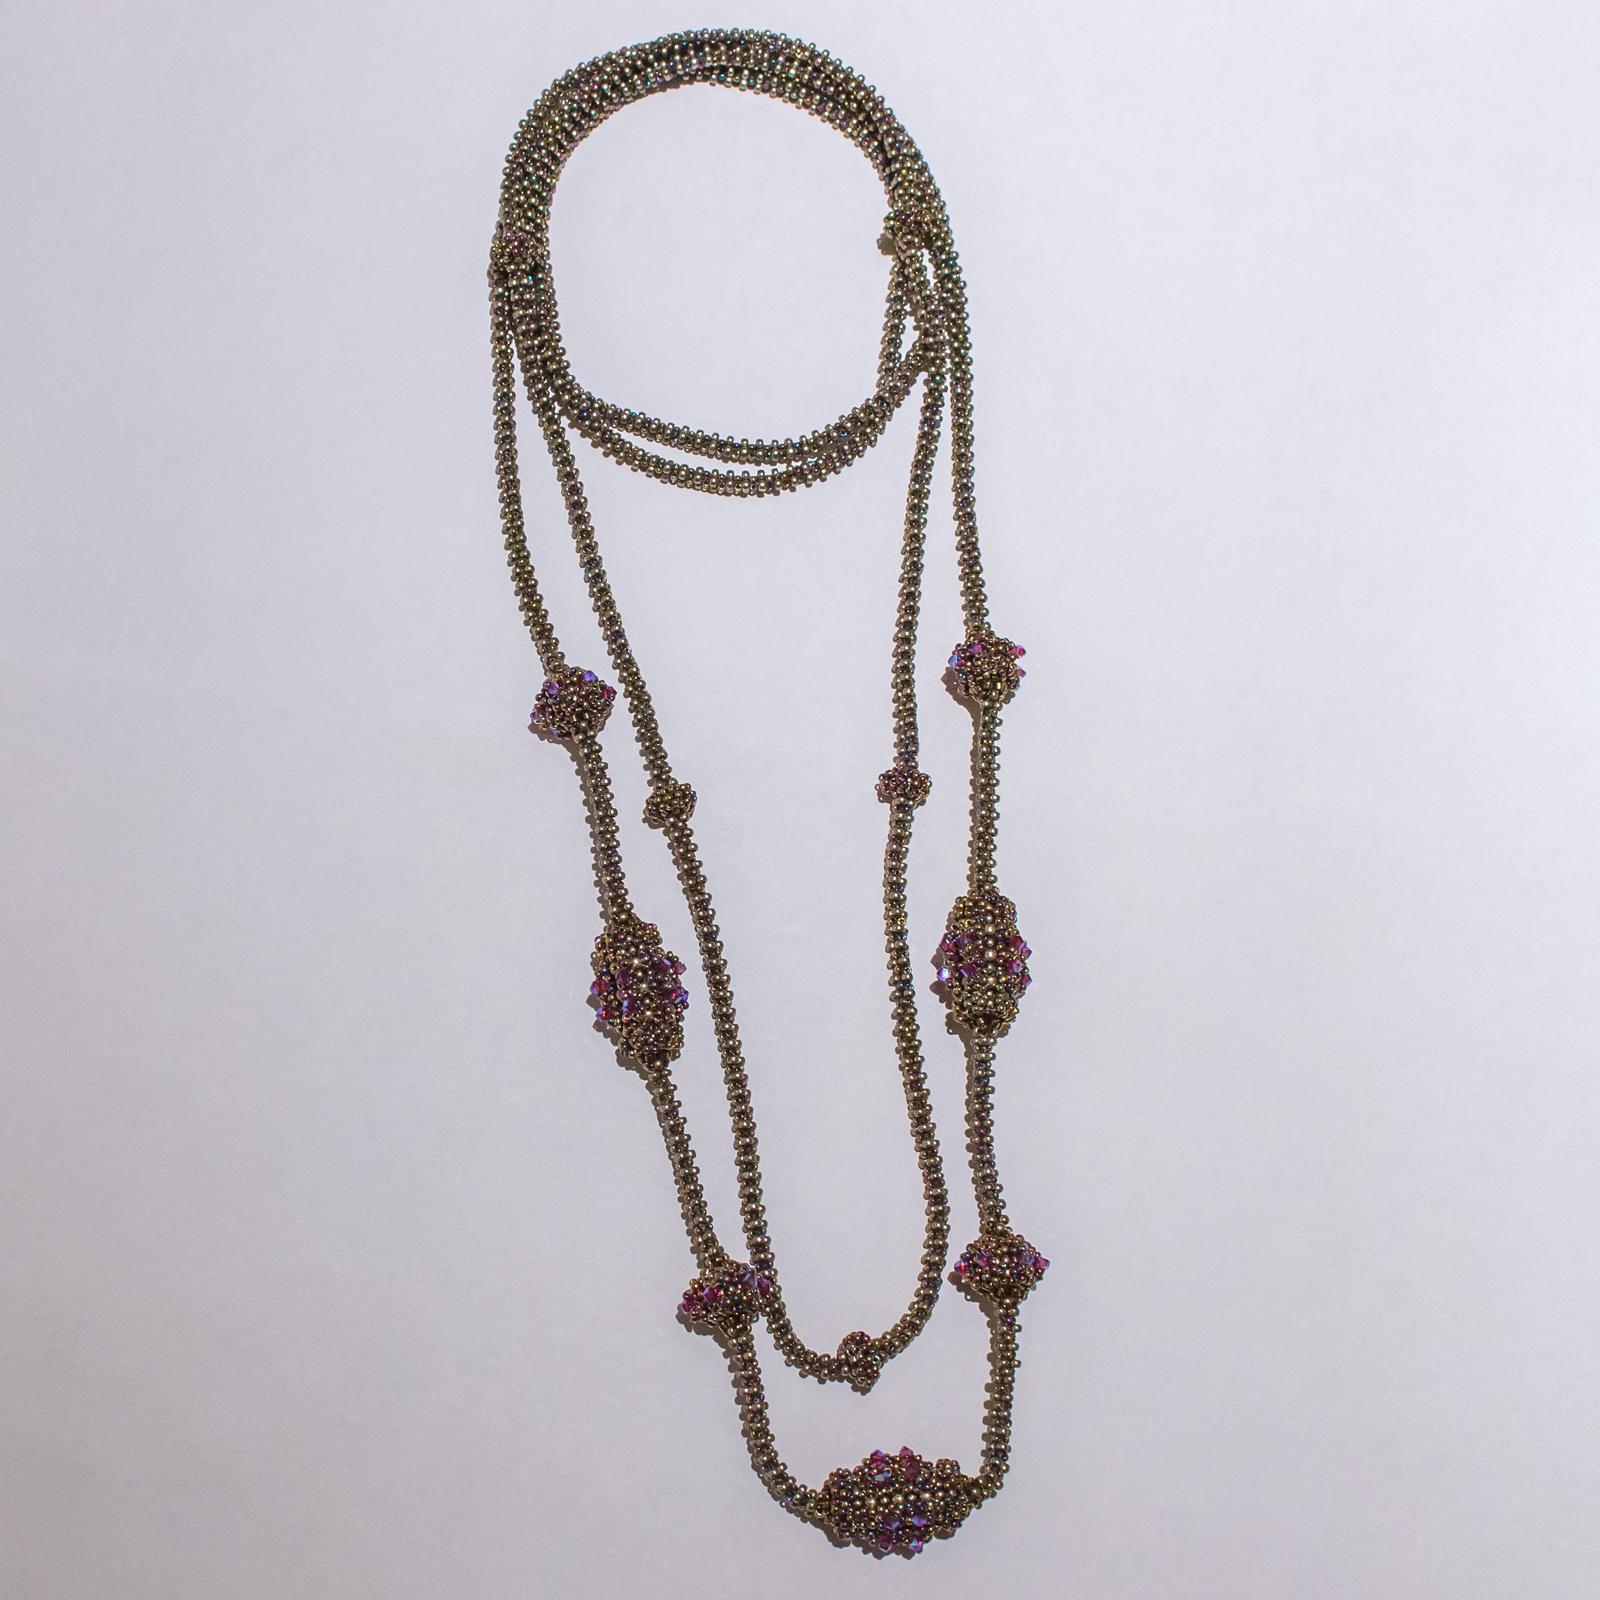 Anleitung Perlen fädeln - Knubbelei